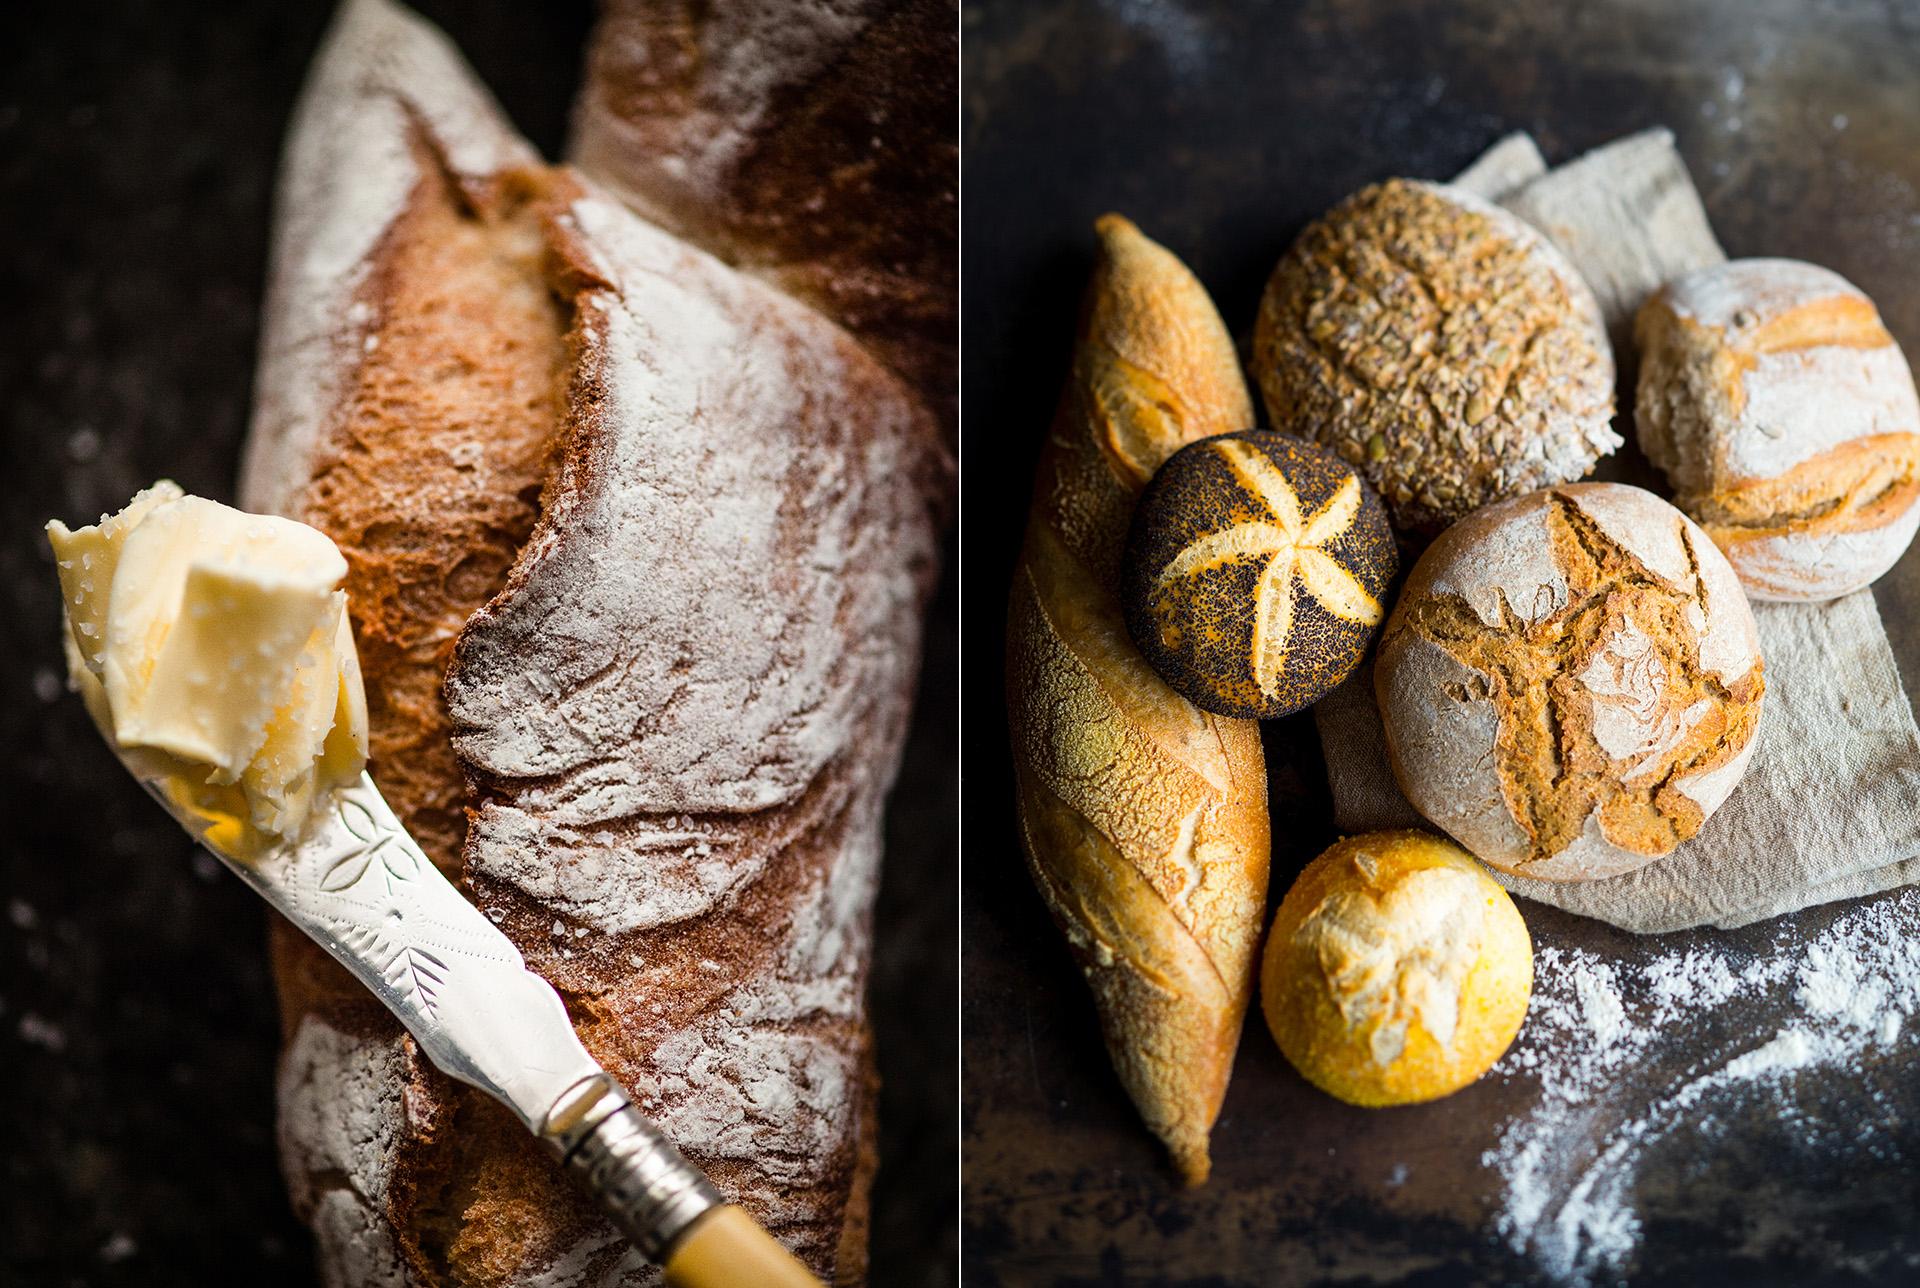 Nahaufnahme eines Brotes mit einem Messer mit Butter. Arrangement mit mehreren verschiedenen Brot- und Semmelsorten auf dunklem Untergrund